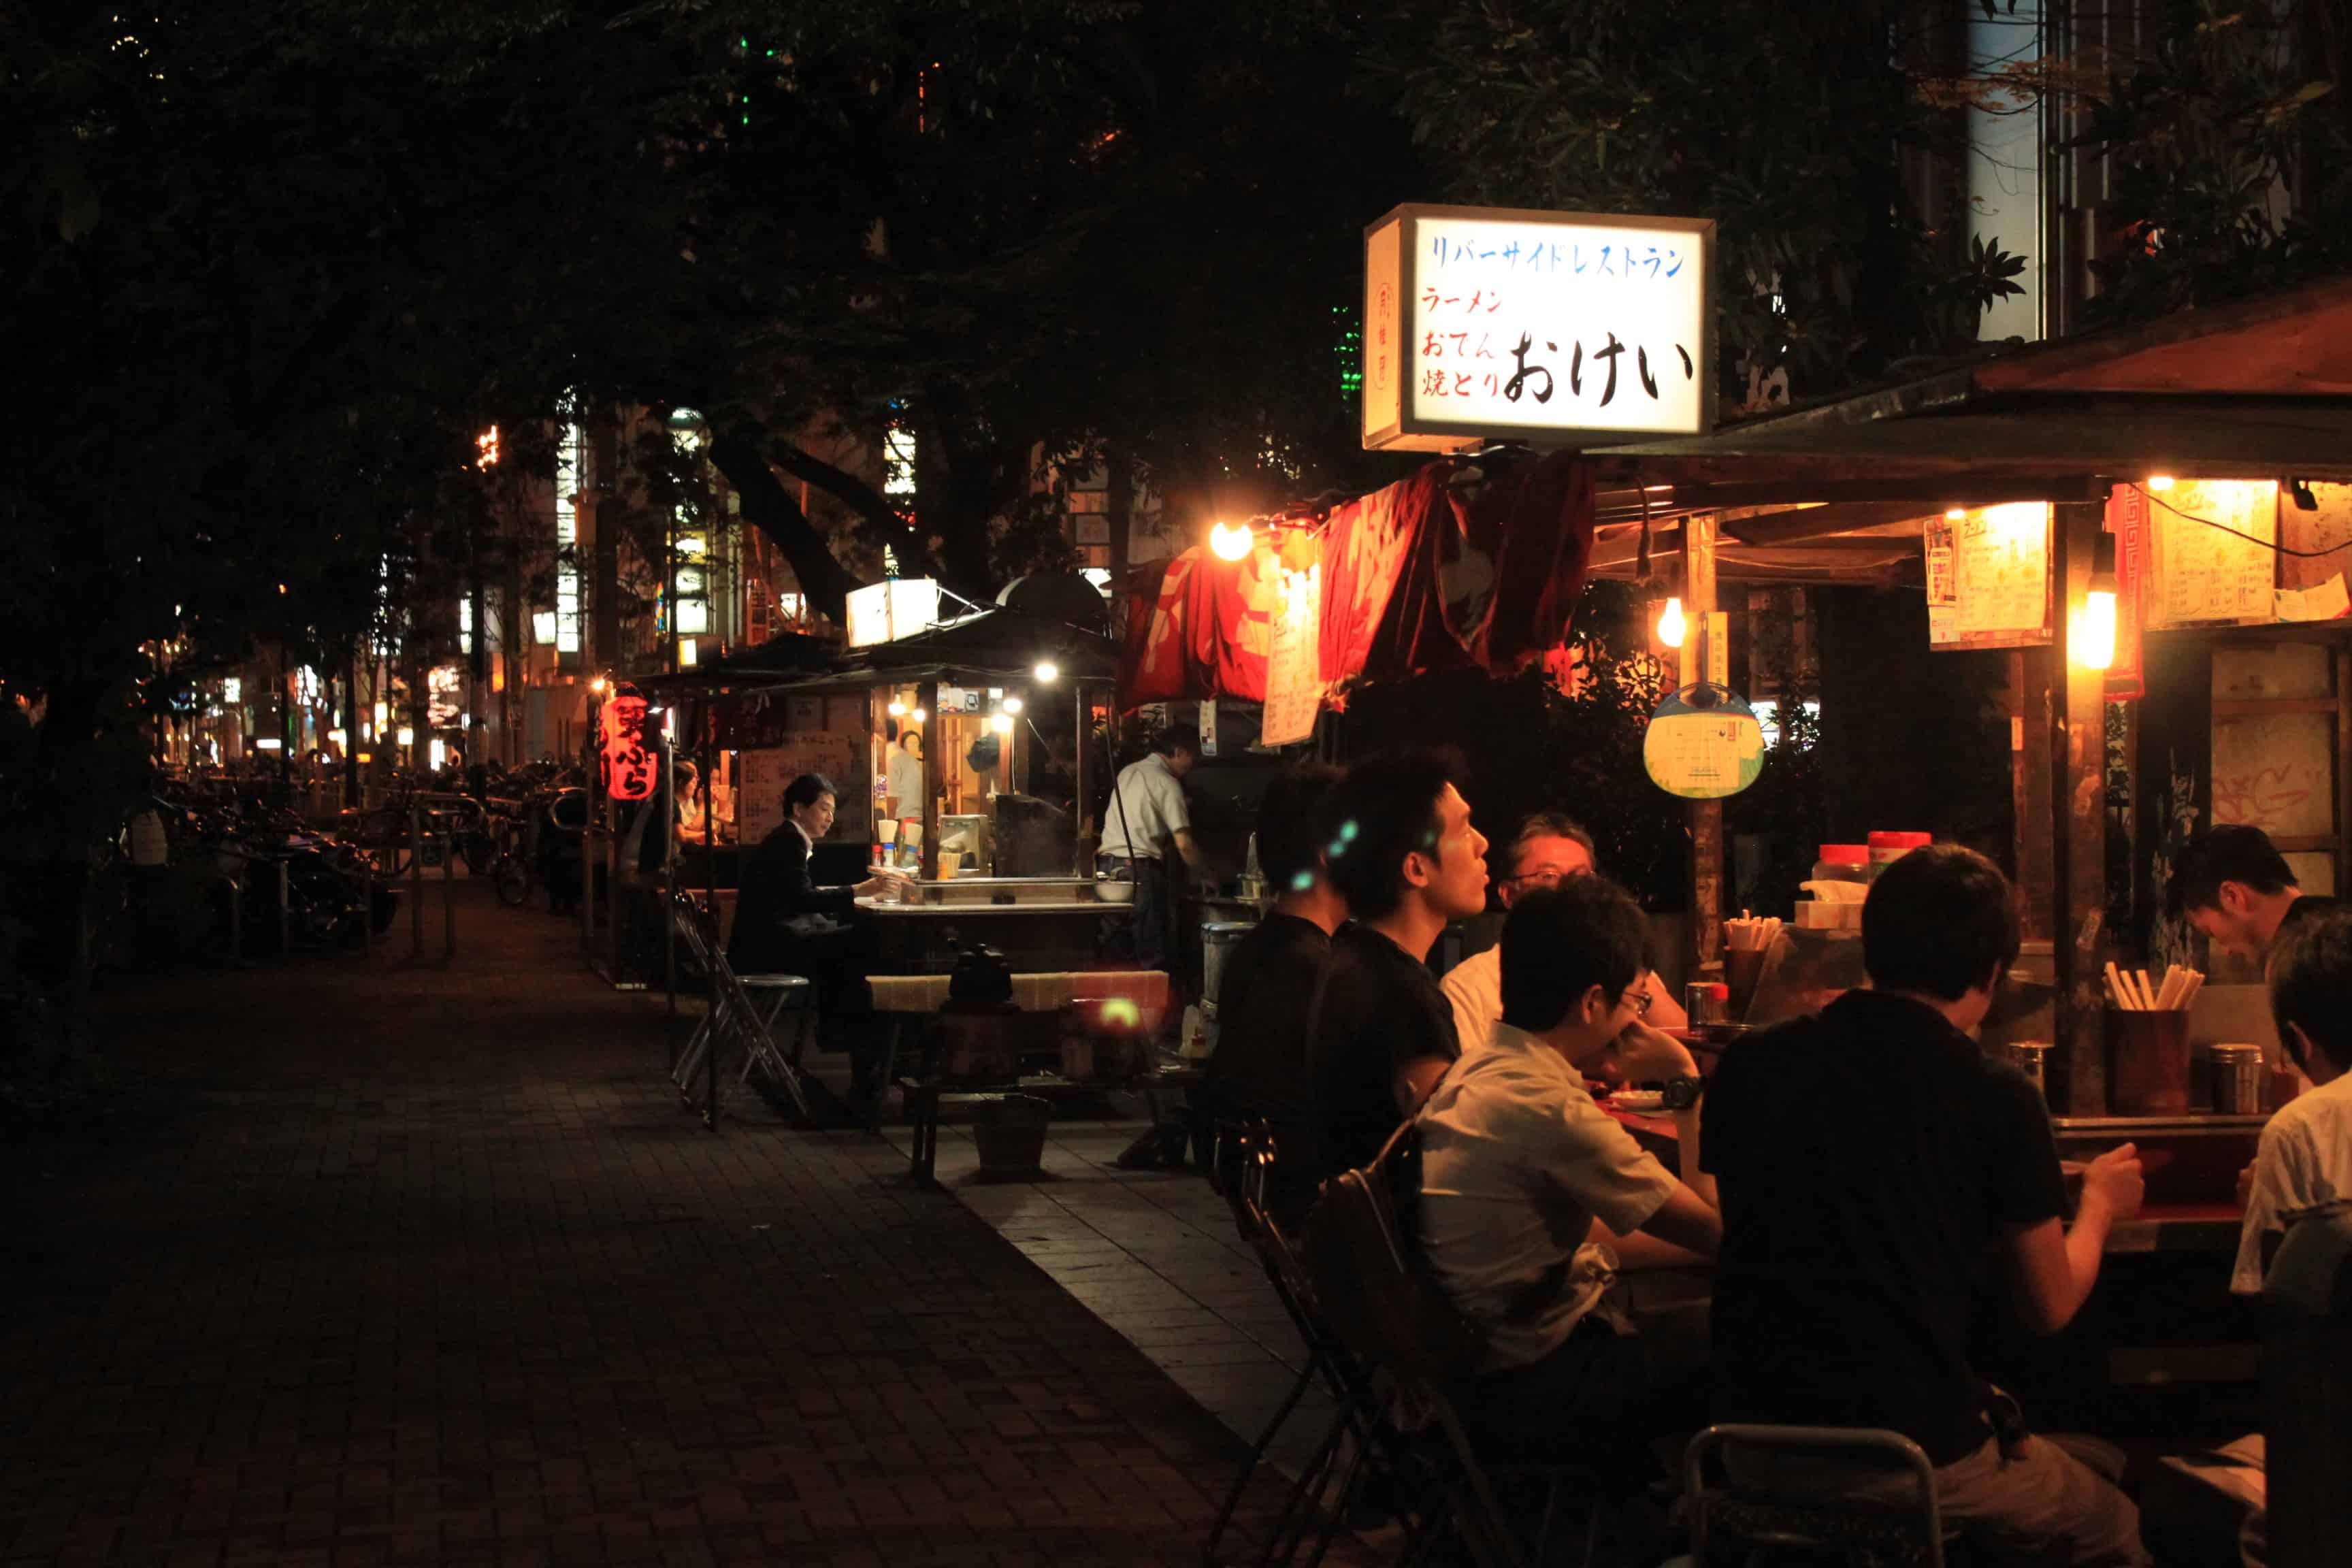 วิธีไปฟุกุโอกะ (Fukuoka) - นากาสึยะไต (Nakasu Yatai) ย่านยะไต